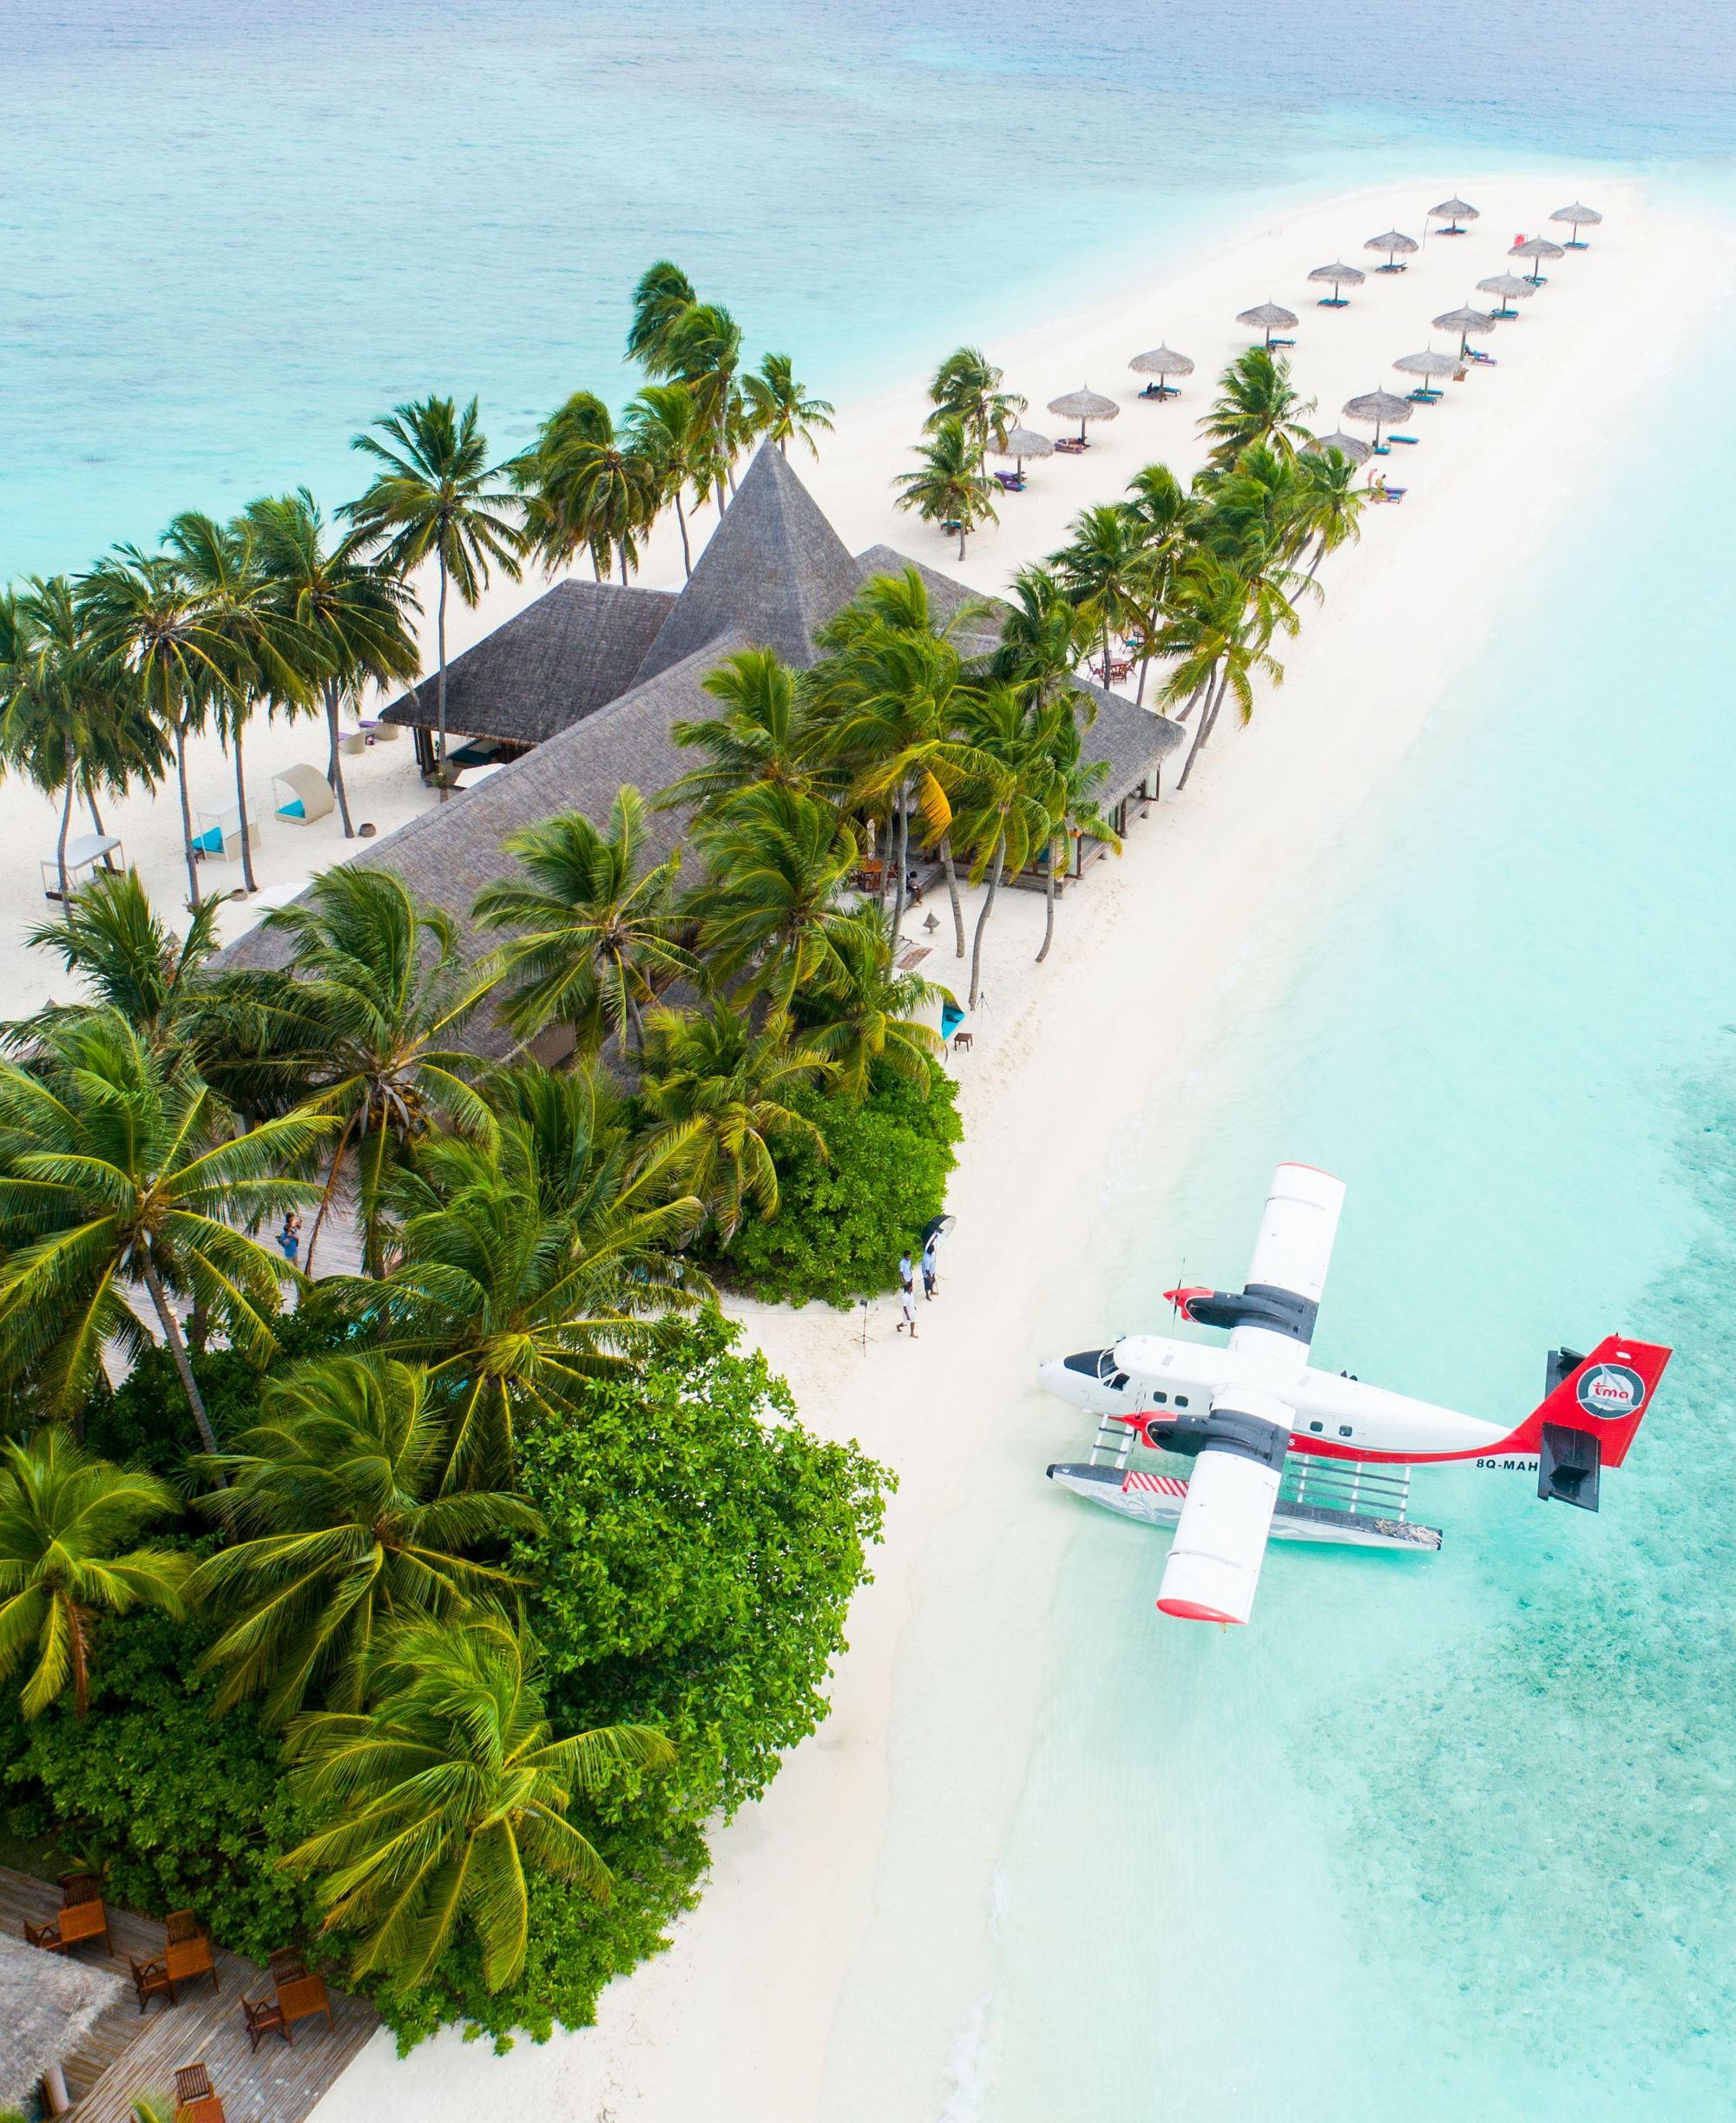 Maldiver muhafazakar tatil